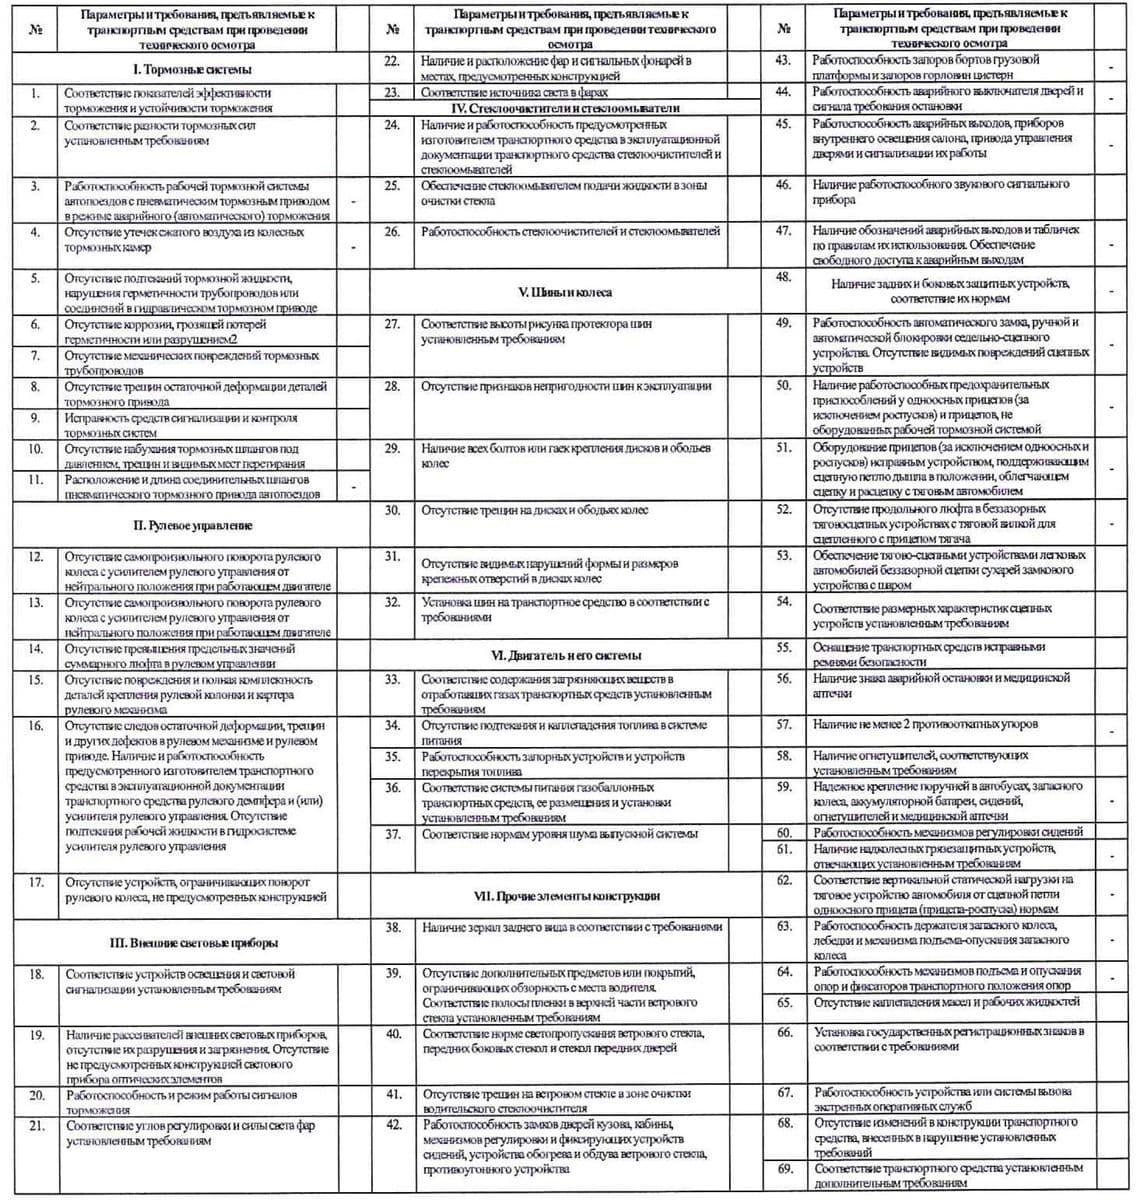 чек-лист подготовки к техосмотру